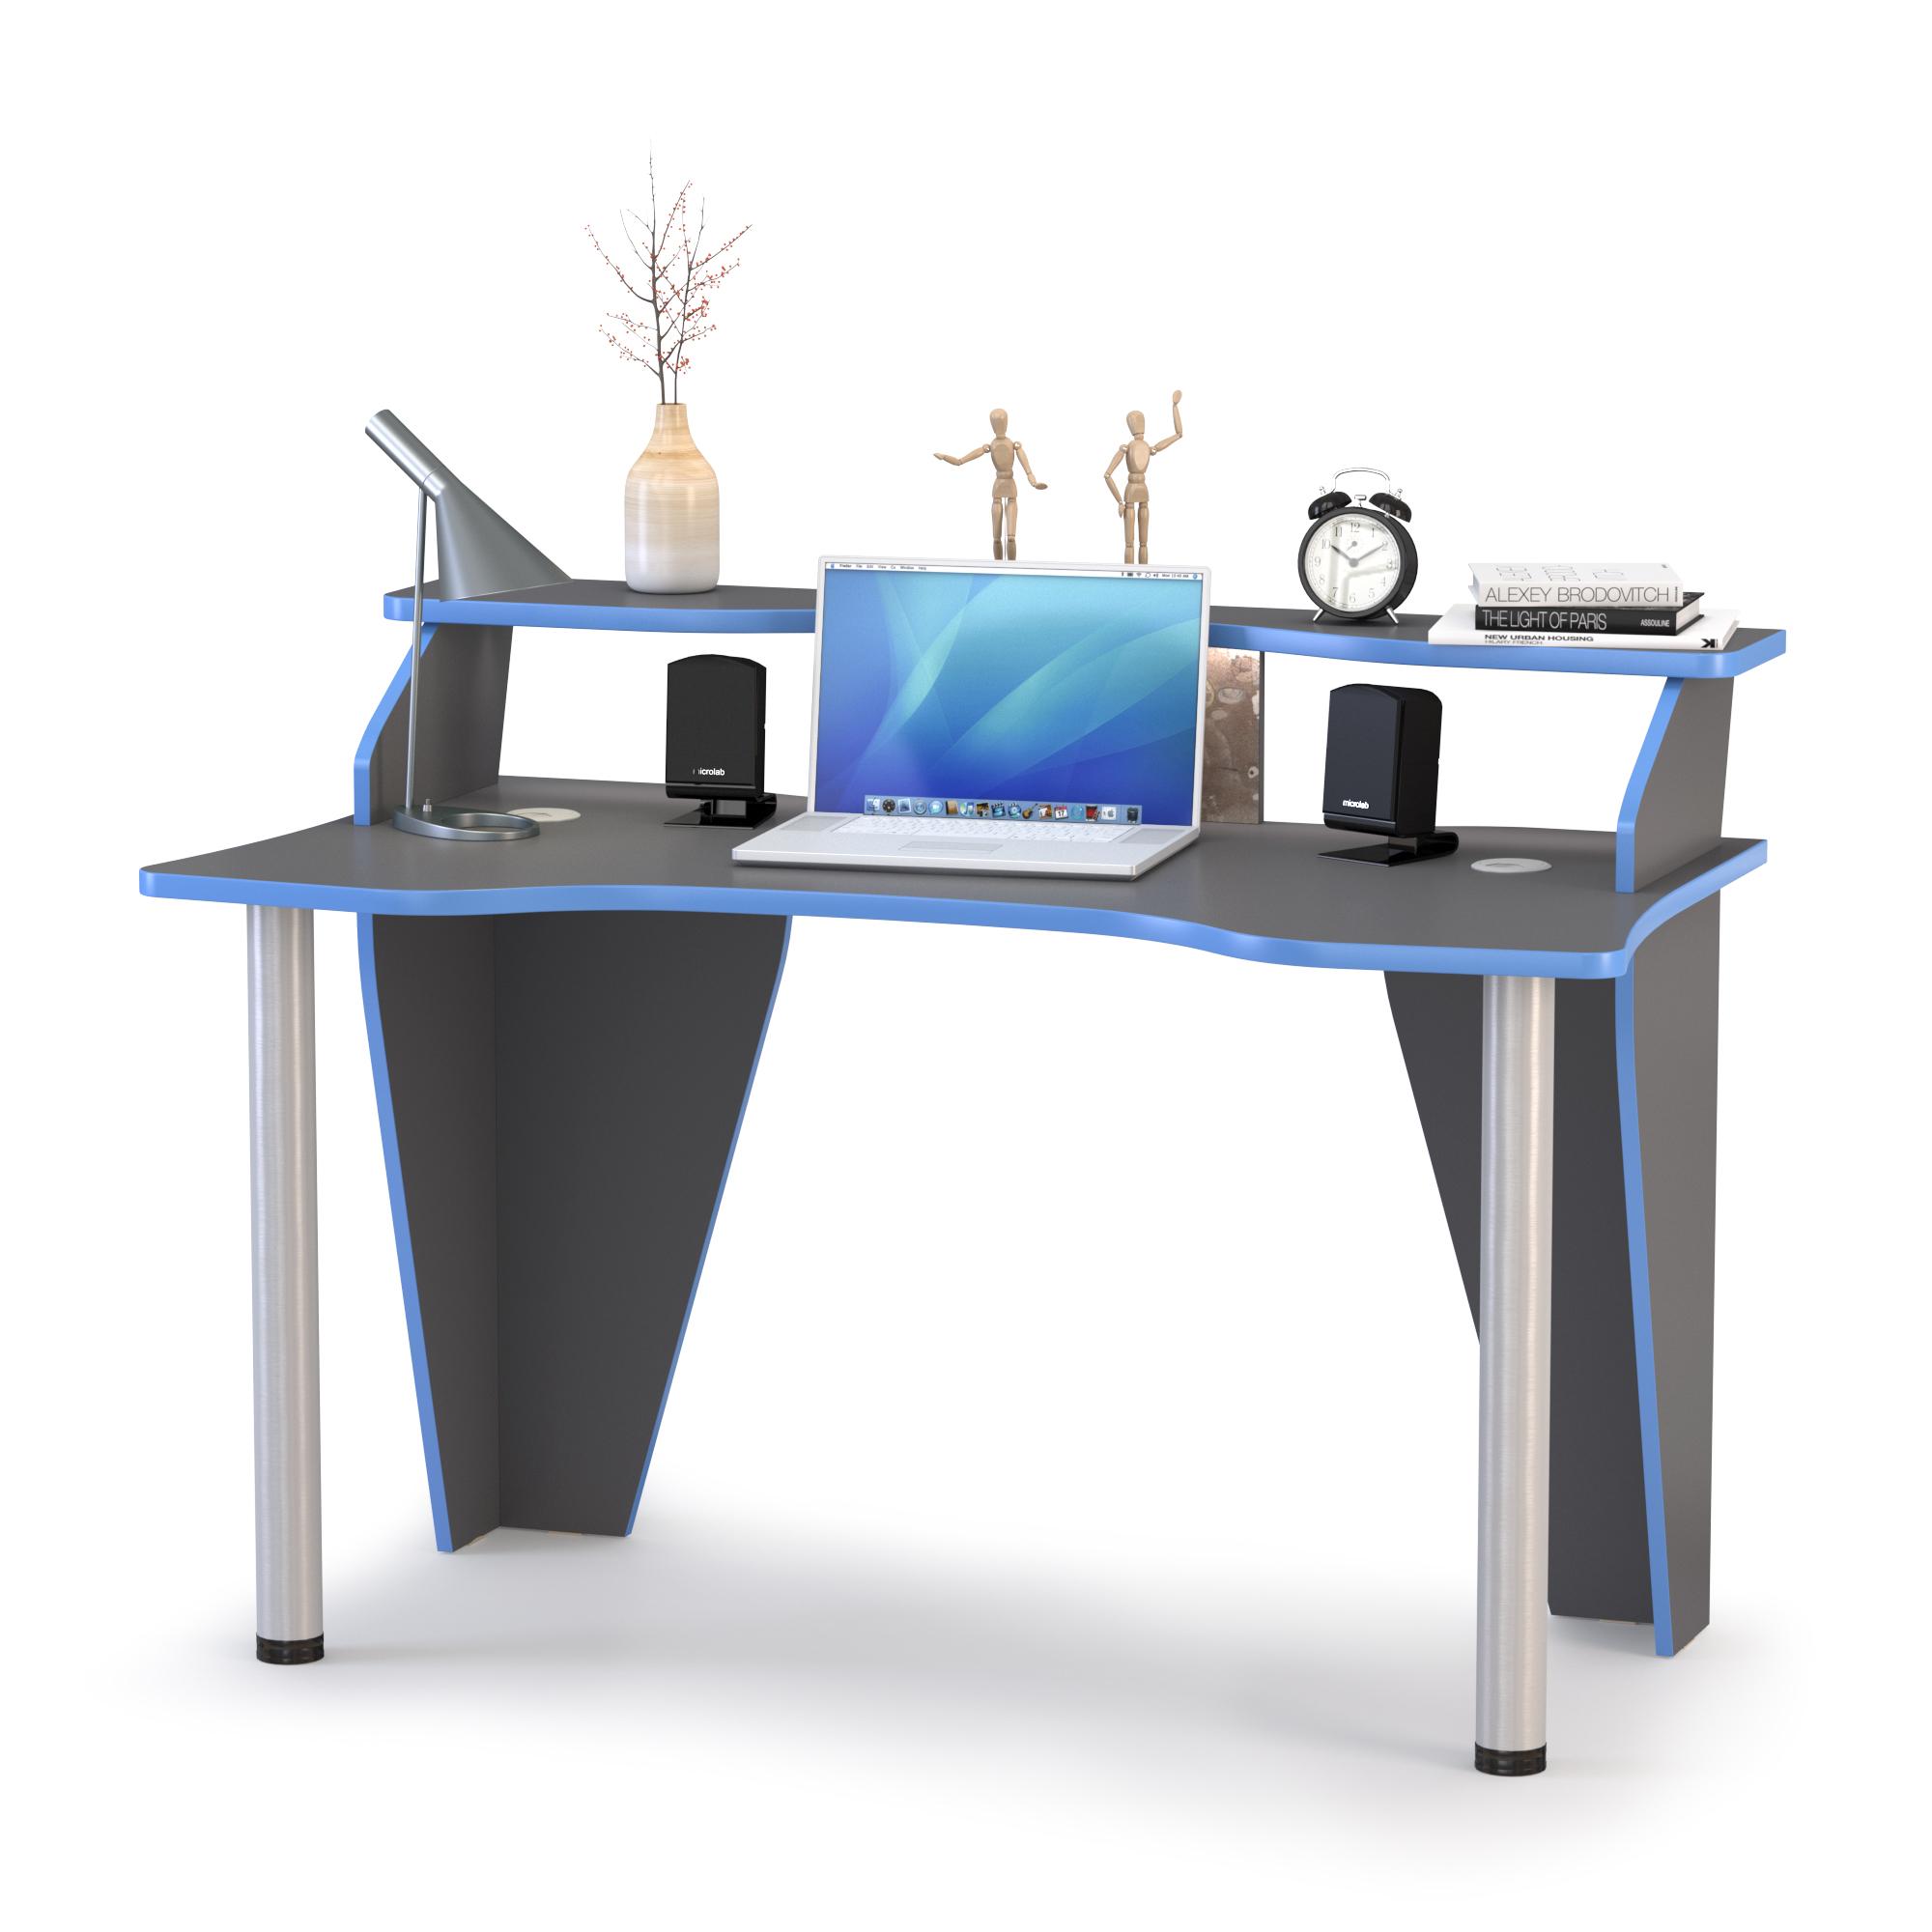 Стол компьютерный Mobi Индиго 12.61 тёмно серый/граффити,